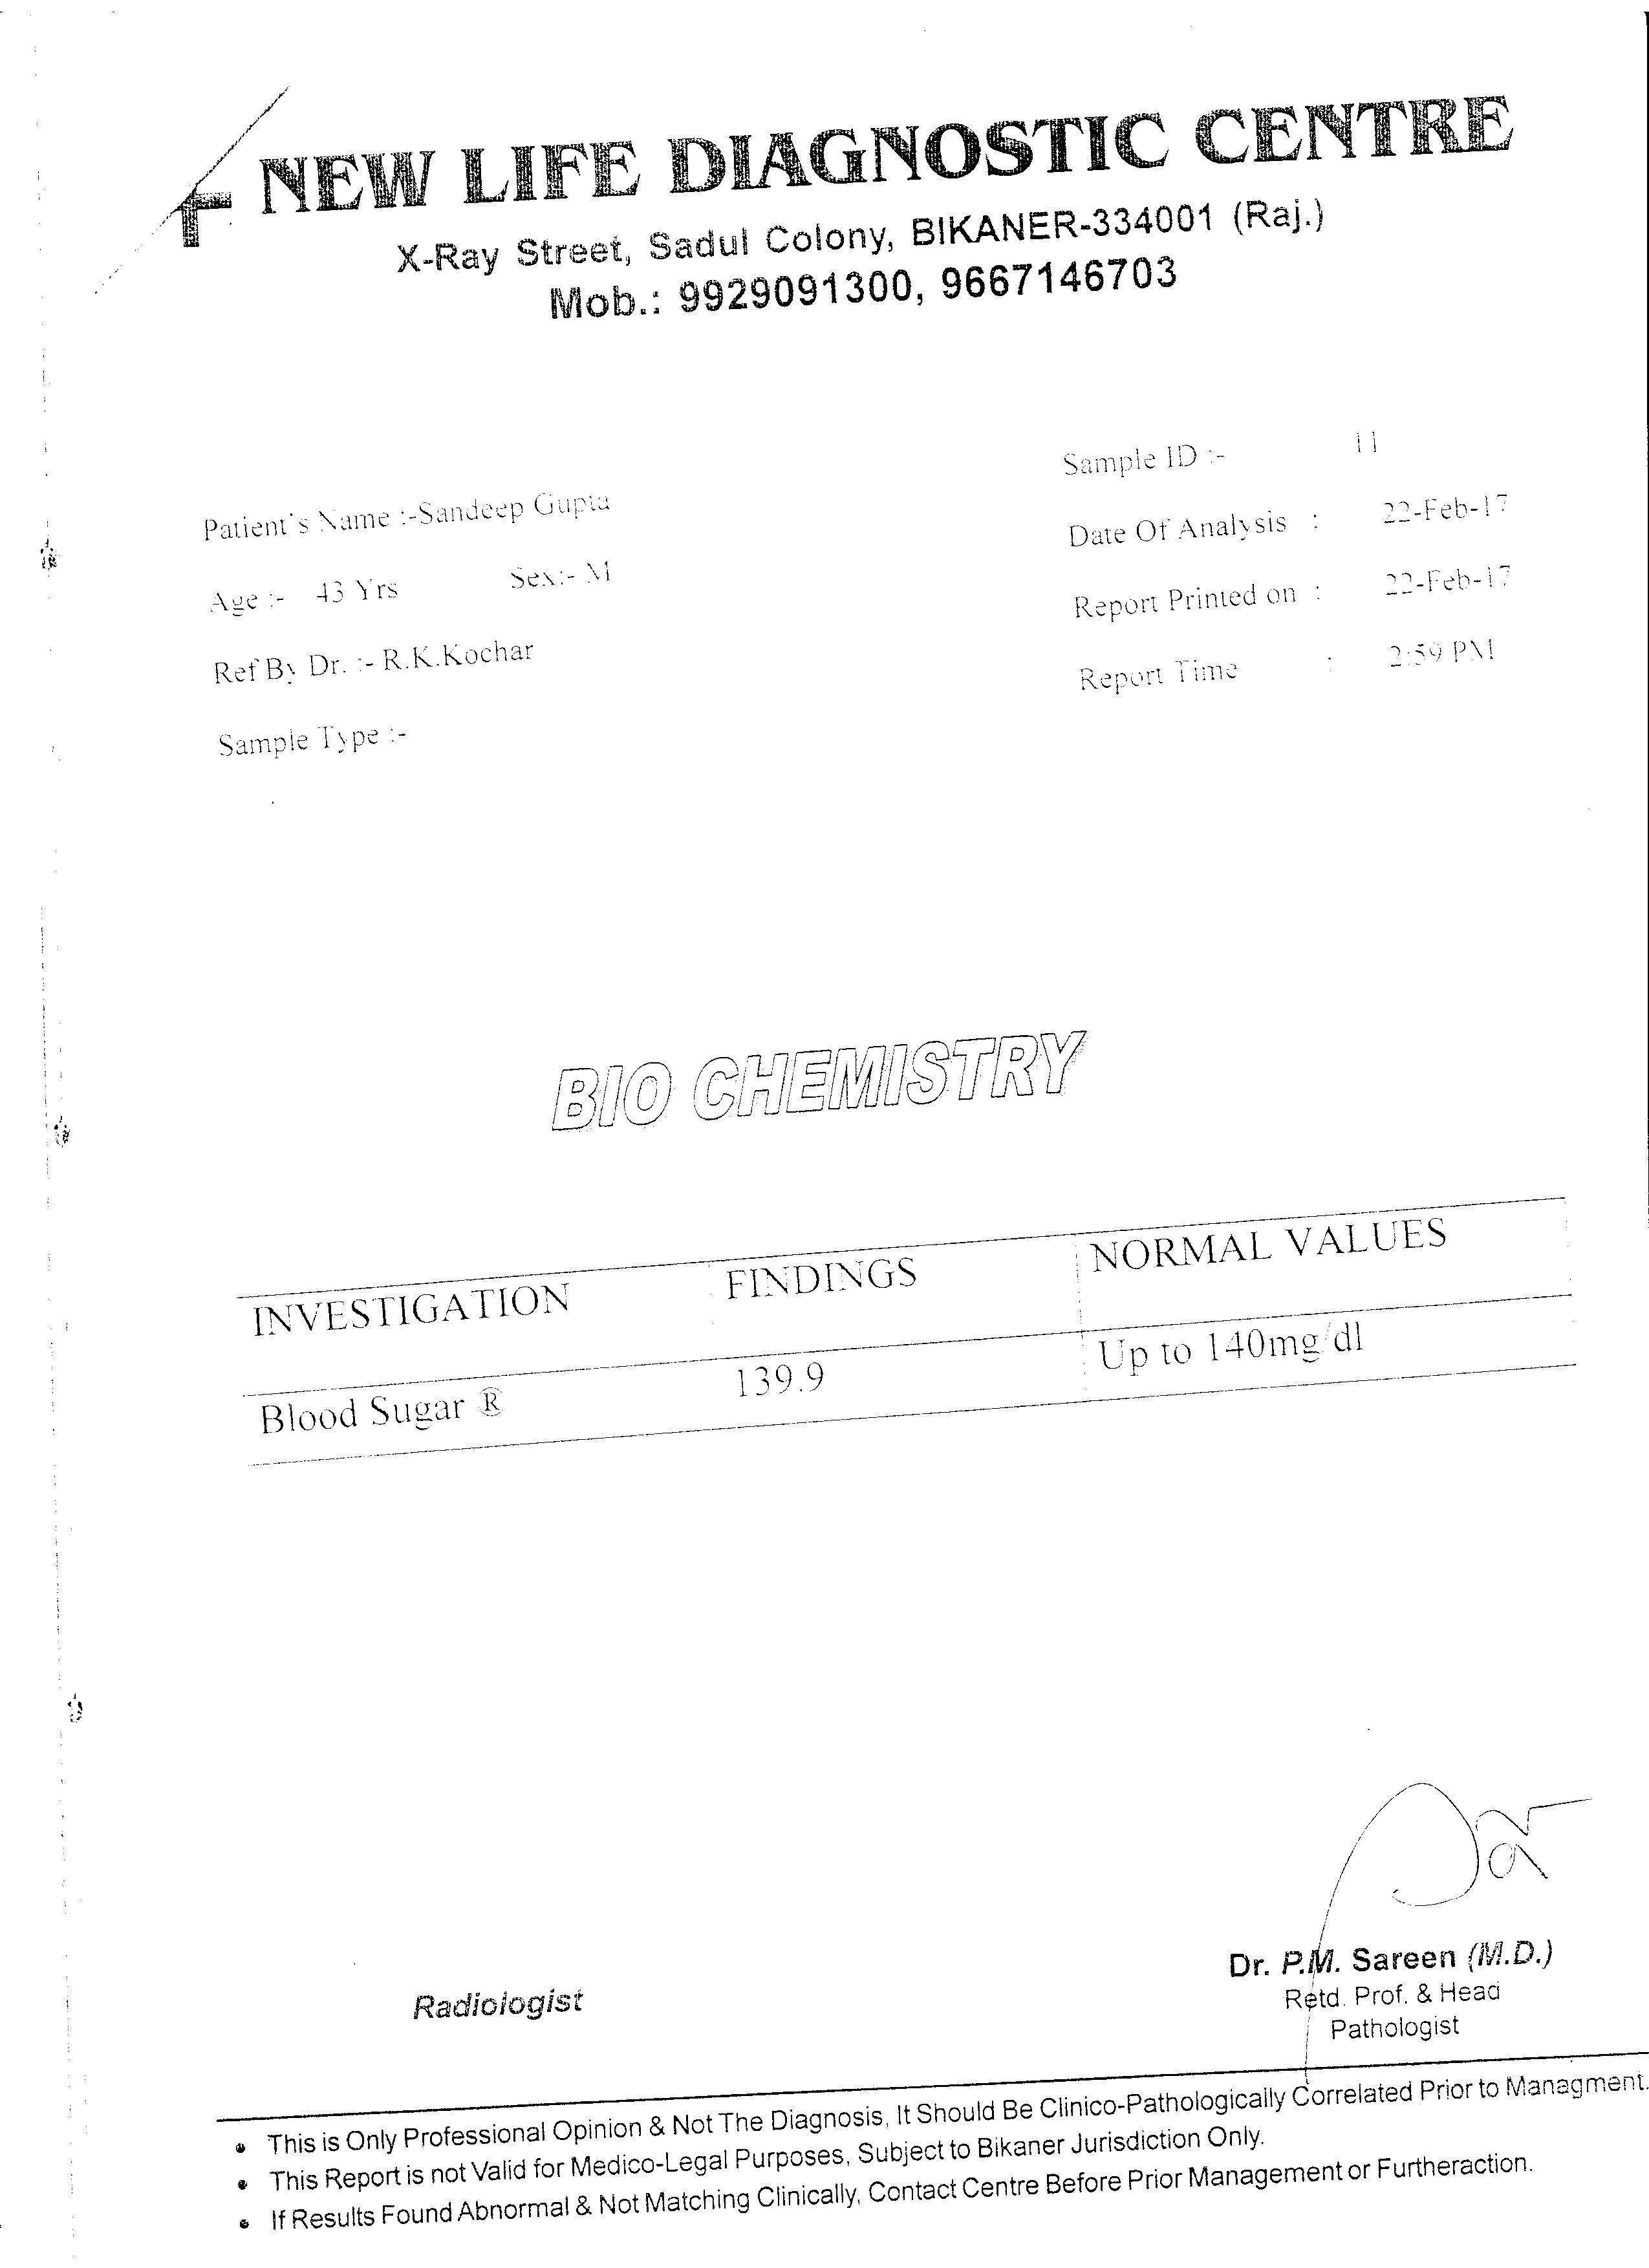 SANDEEP-GUPTA-43yrs-Kidney-Failure-Treatment-10